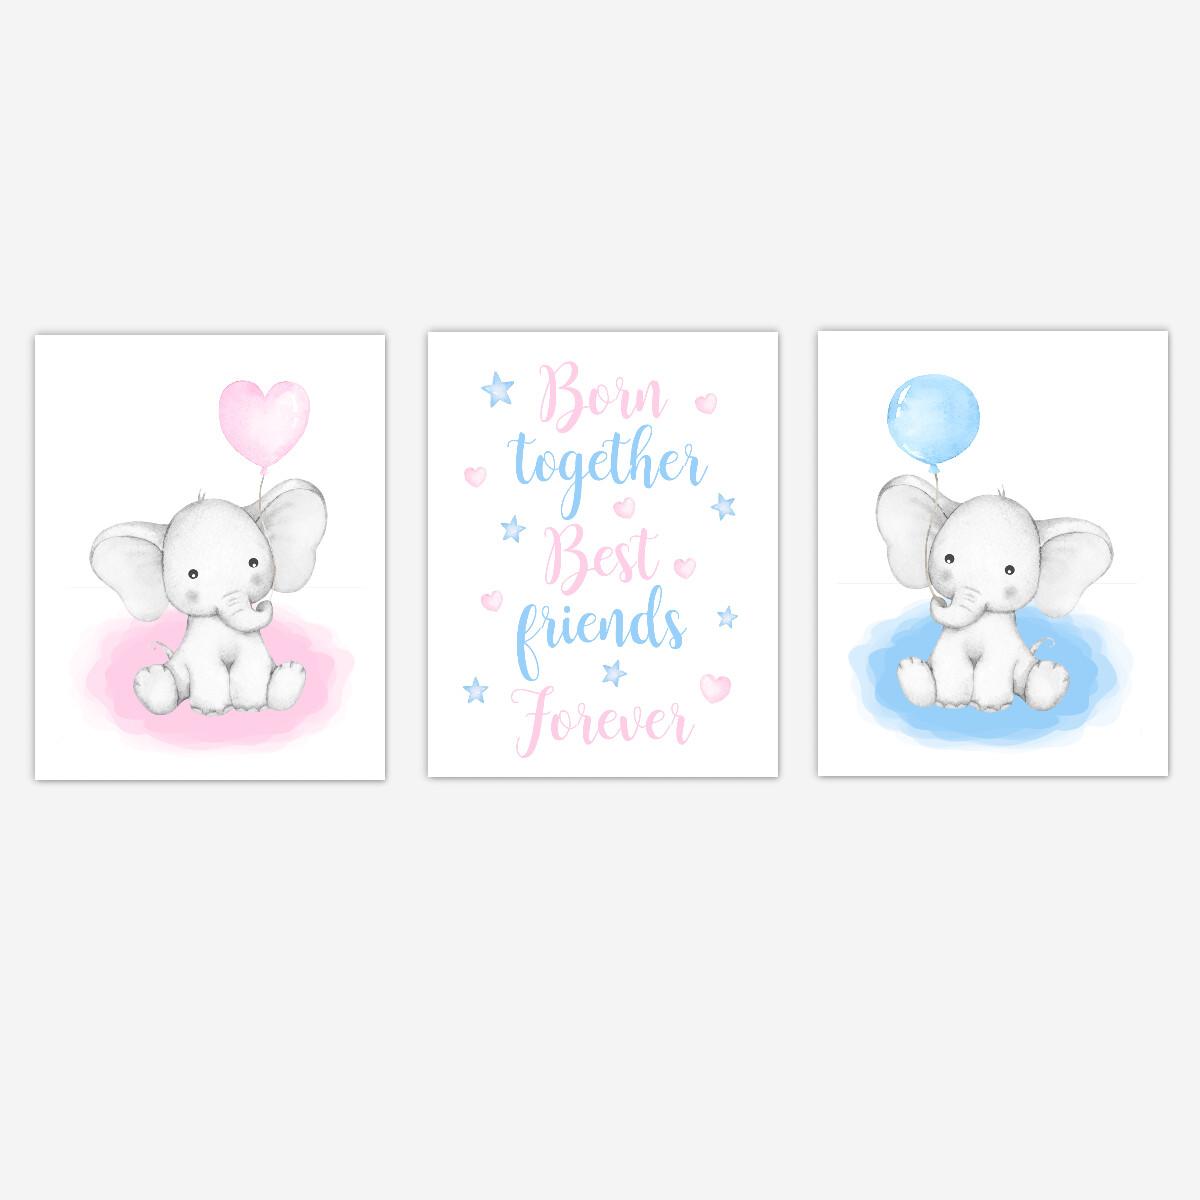 Twins Watercolor Blue Pink Elephants Baby Boy Girl Nursery Wall Art 3 UNFRAMED PRINTS or CANVAS